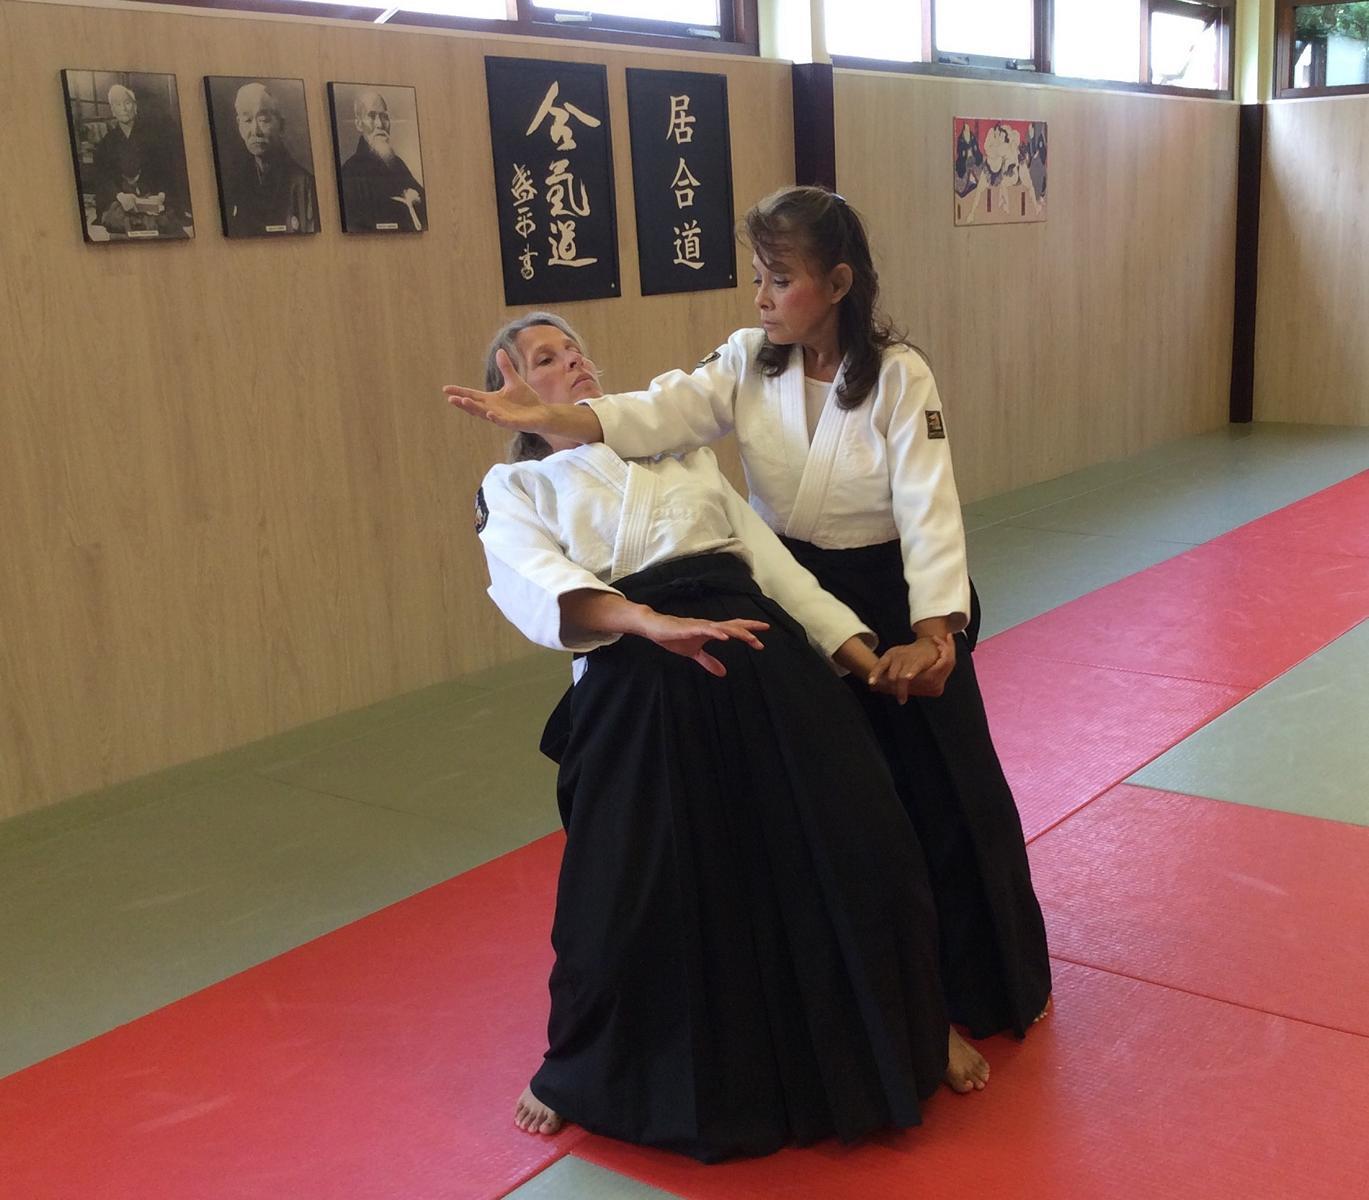 K1600_foto v artikel beginn. aikido 025